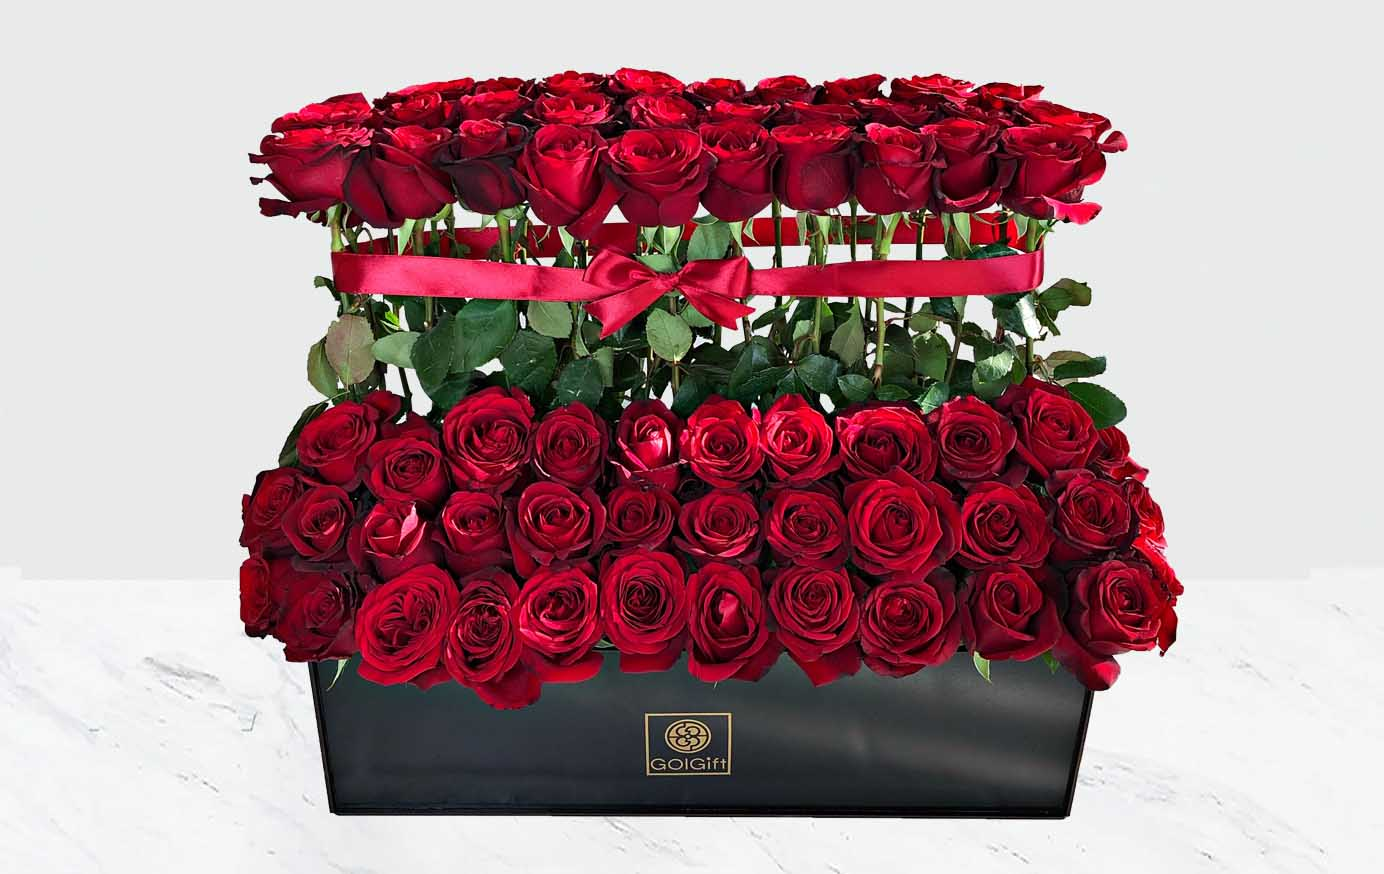 70 شاخه گل رز قرمز هلندی